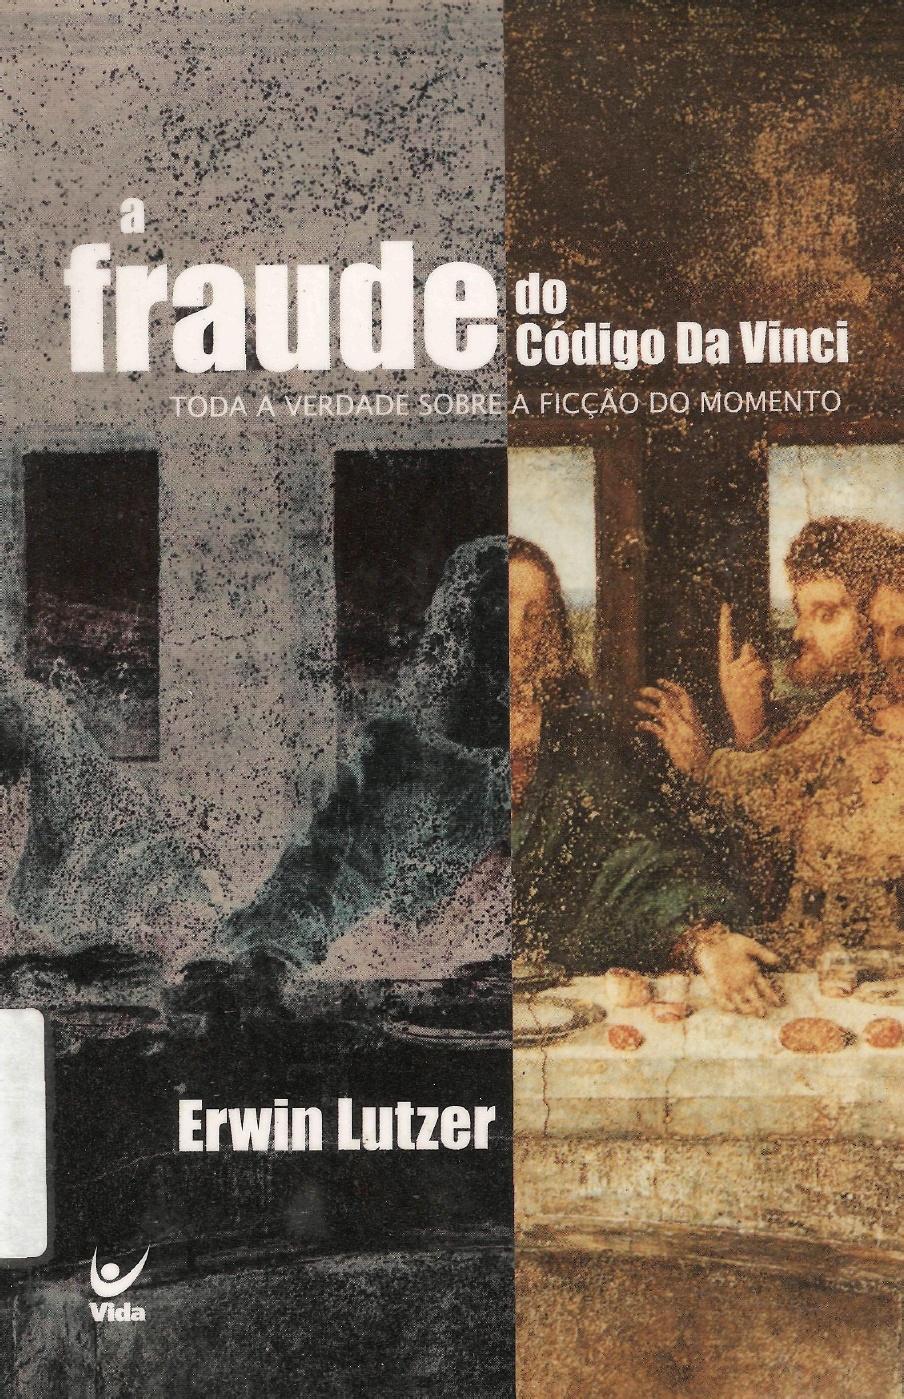 Erwin Lutzer-A Fraude Do Codigo Da Vinci-